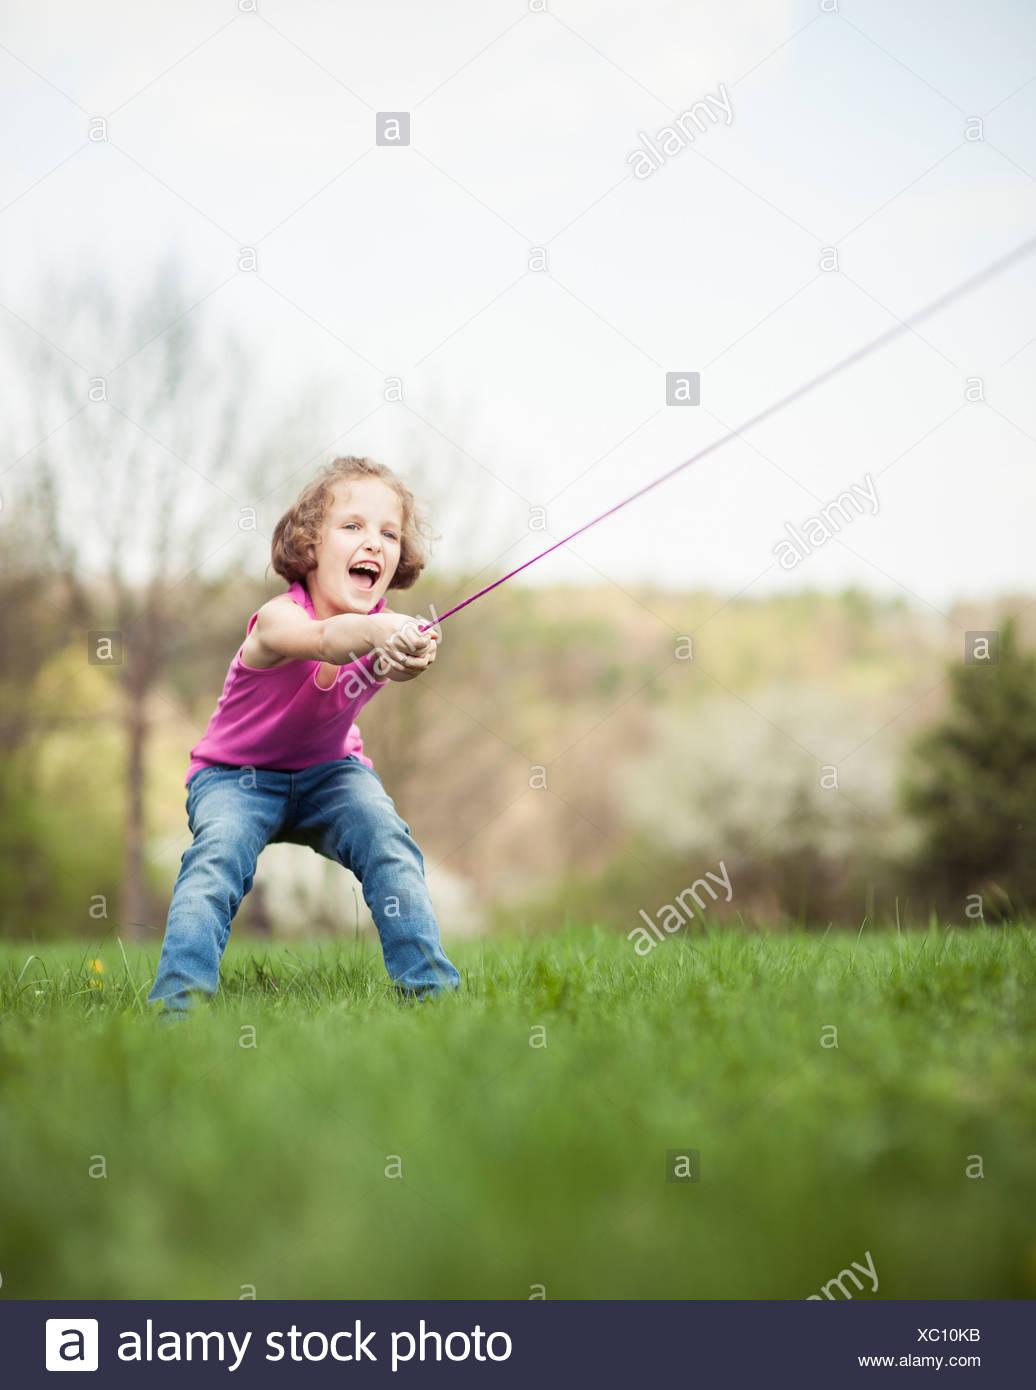 Young girl playing tug of war - Stock Image